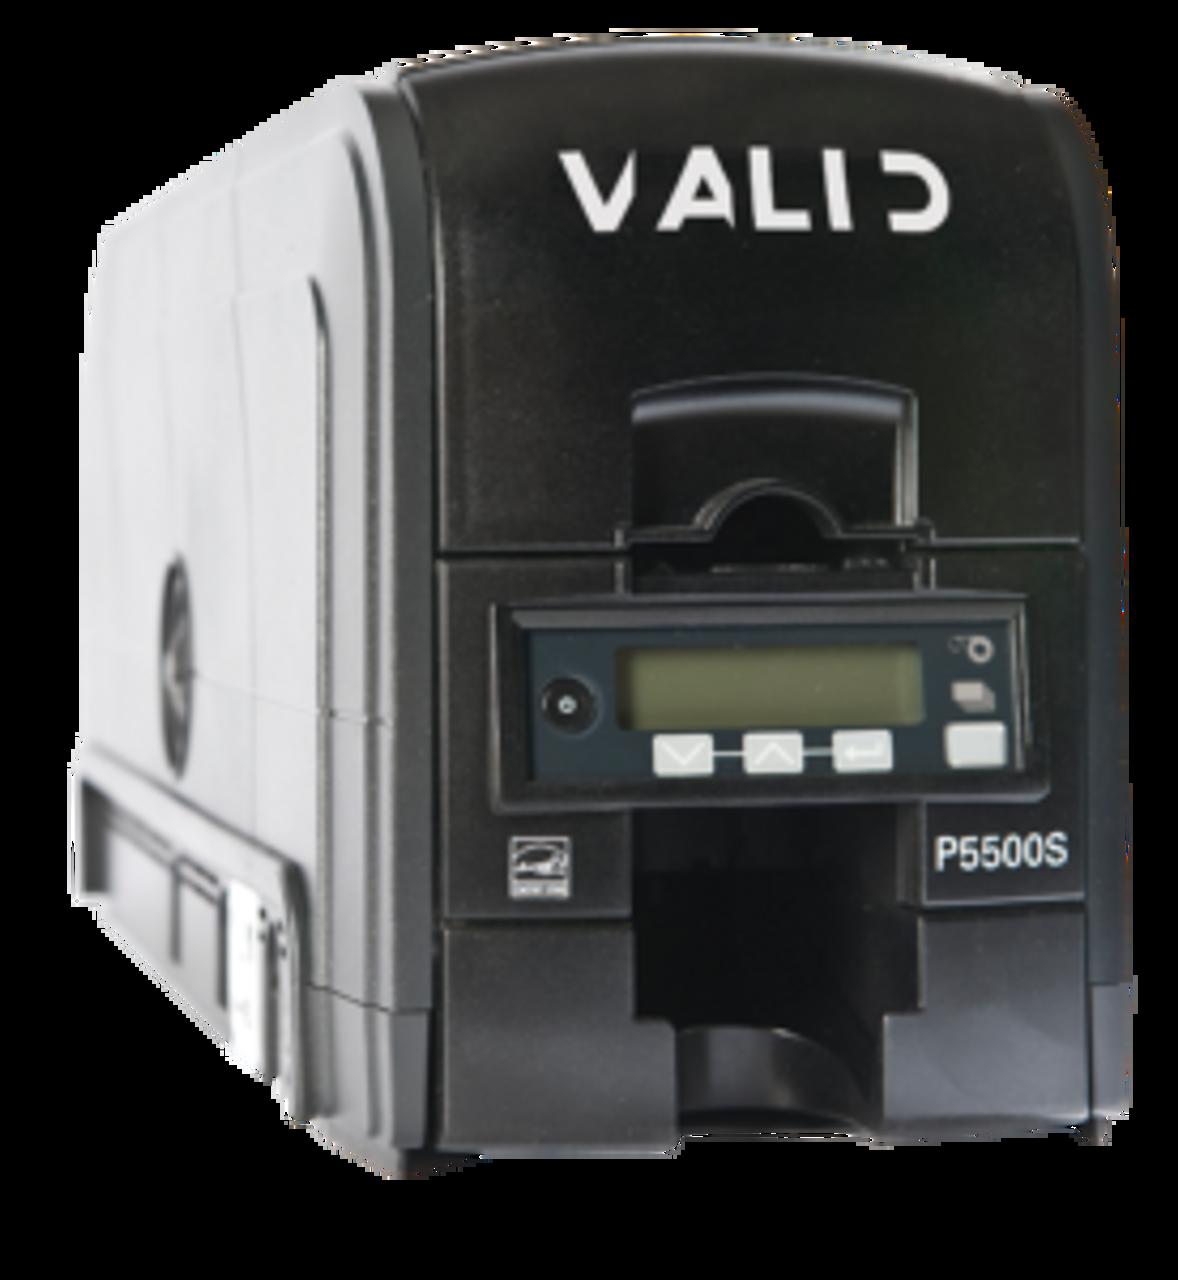 Polaroid/Valid ID Printers